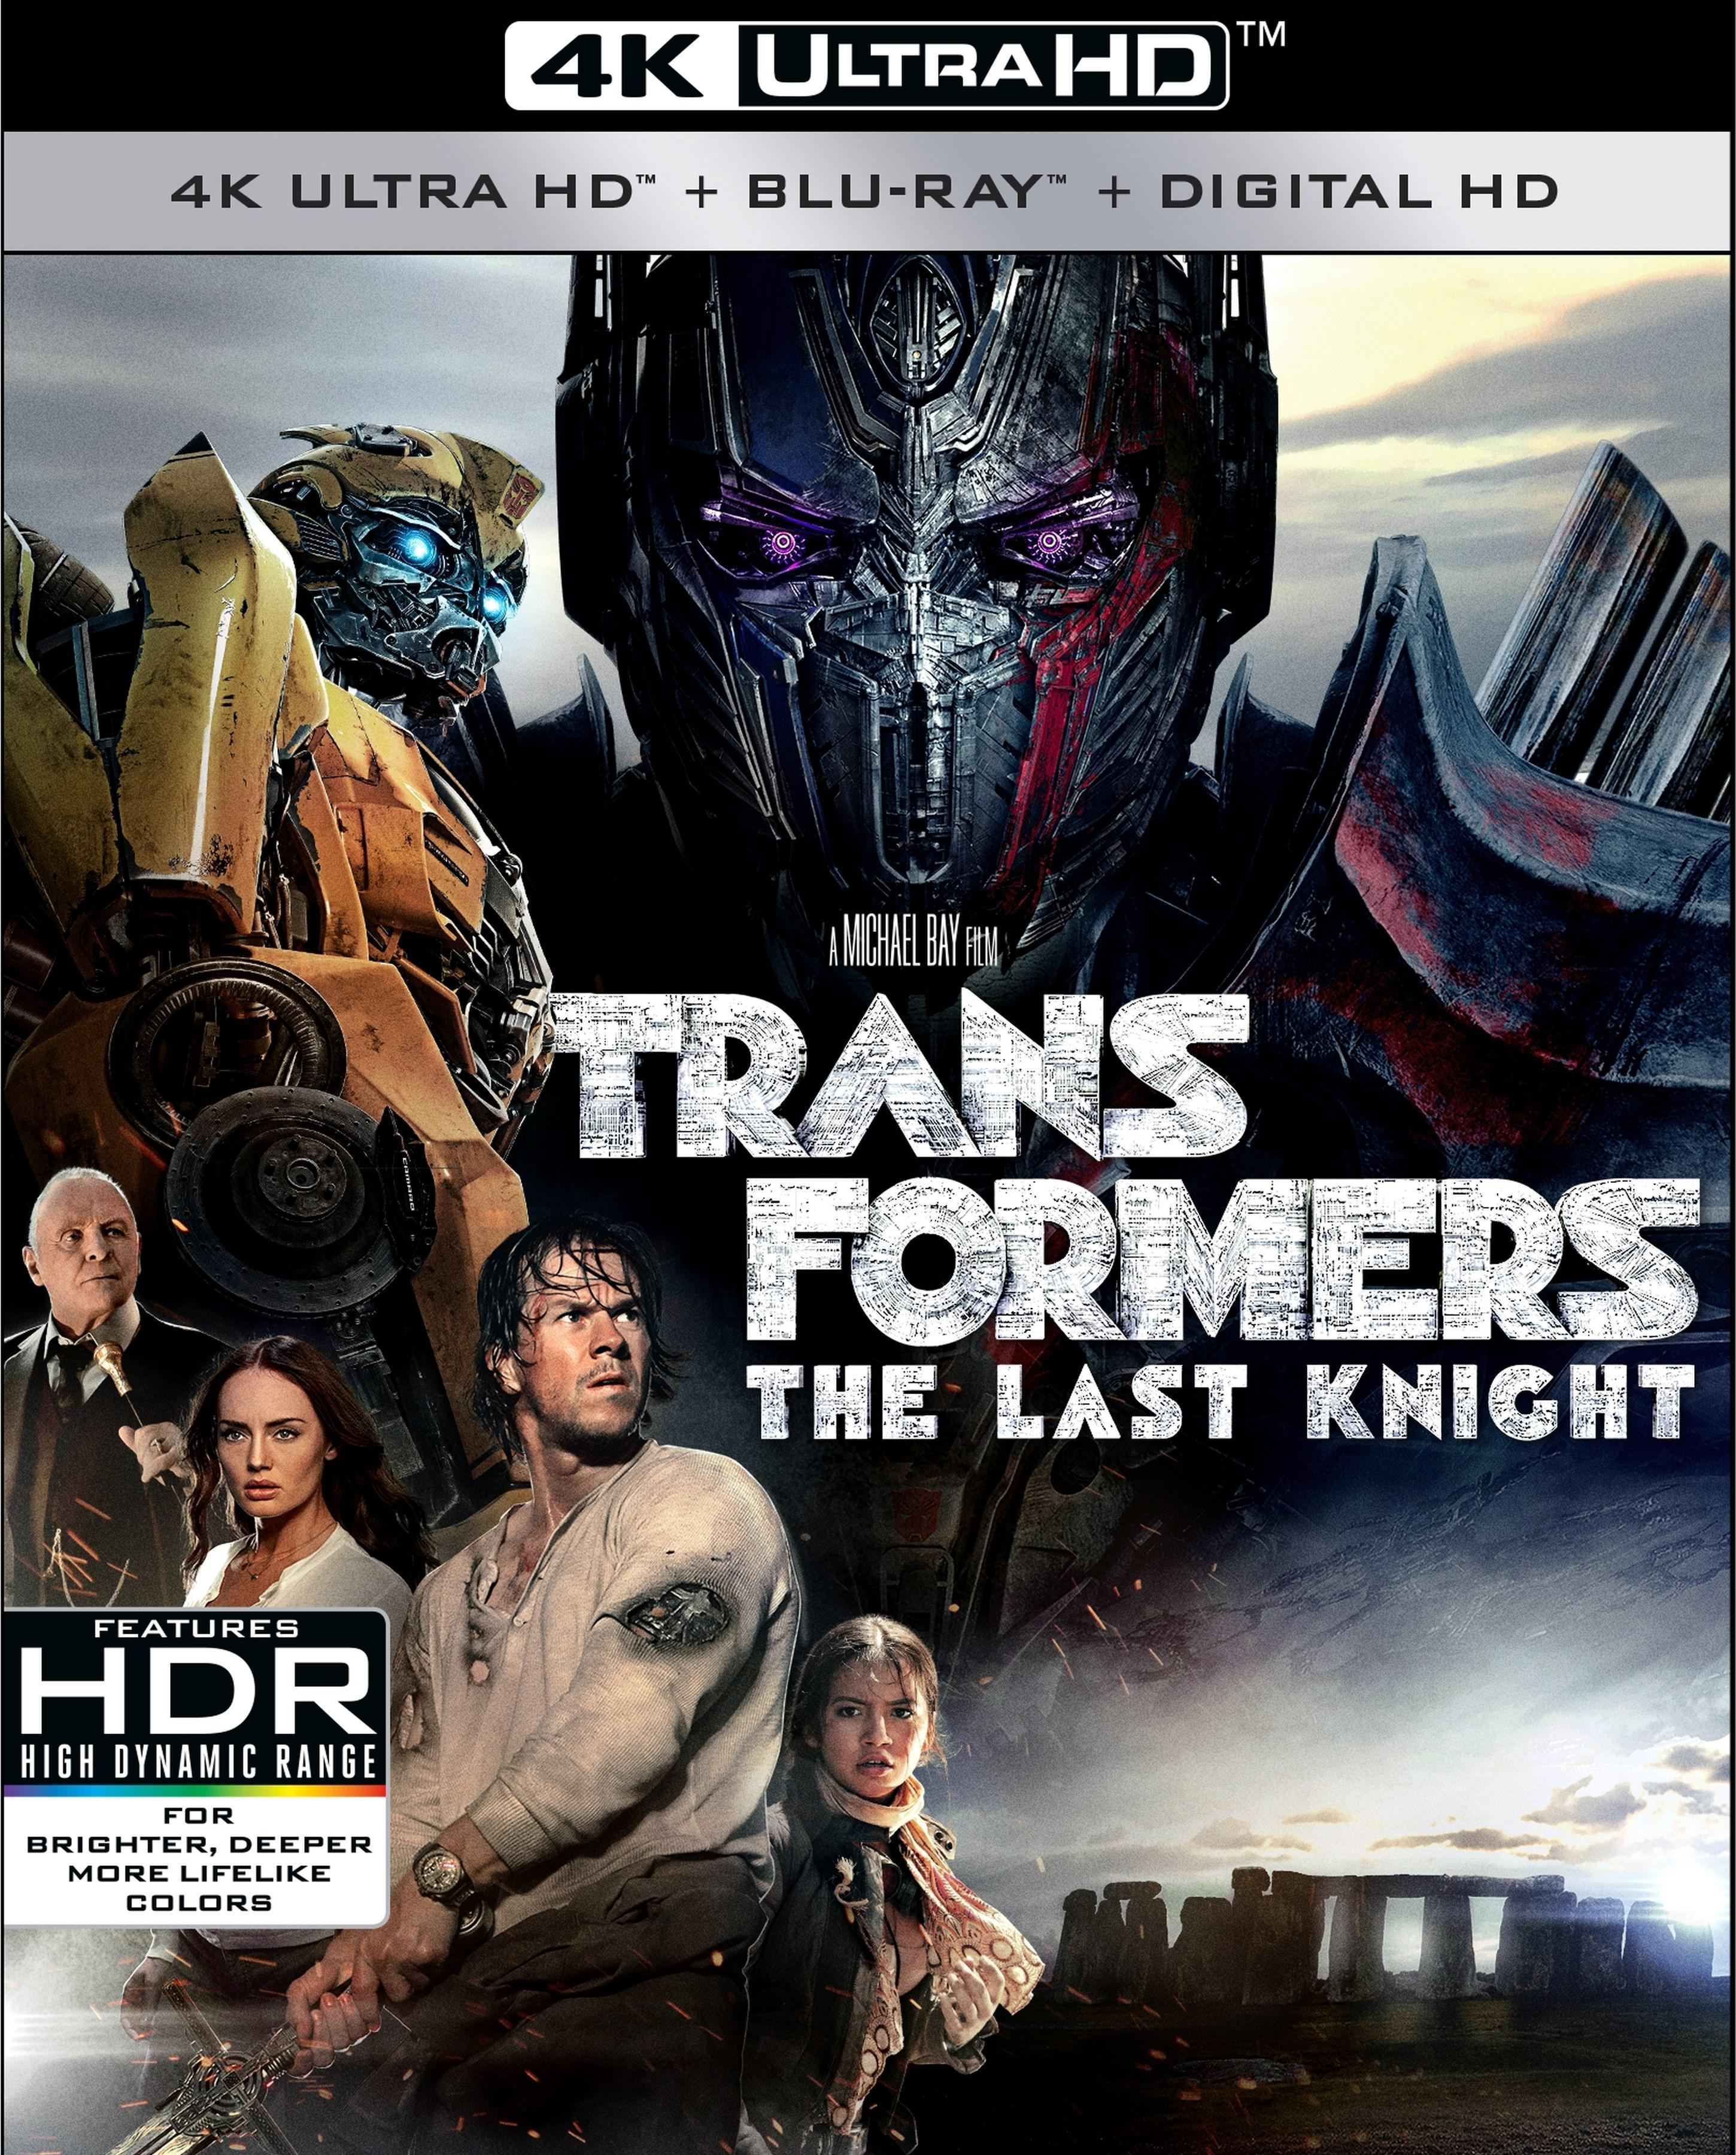 Transformers: The Last Knight 4K (2017) UHD Ultra HD Blu-ray